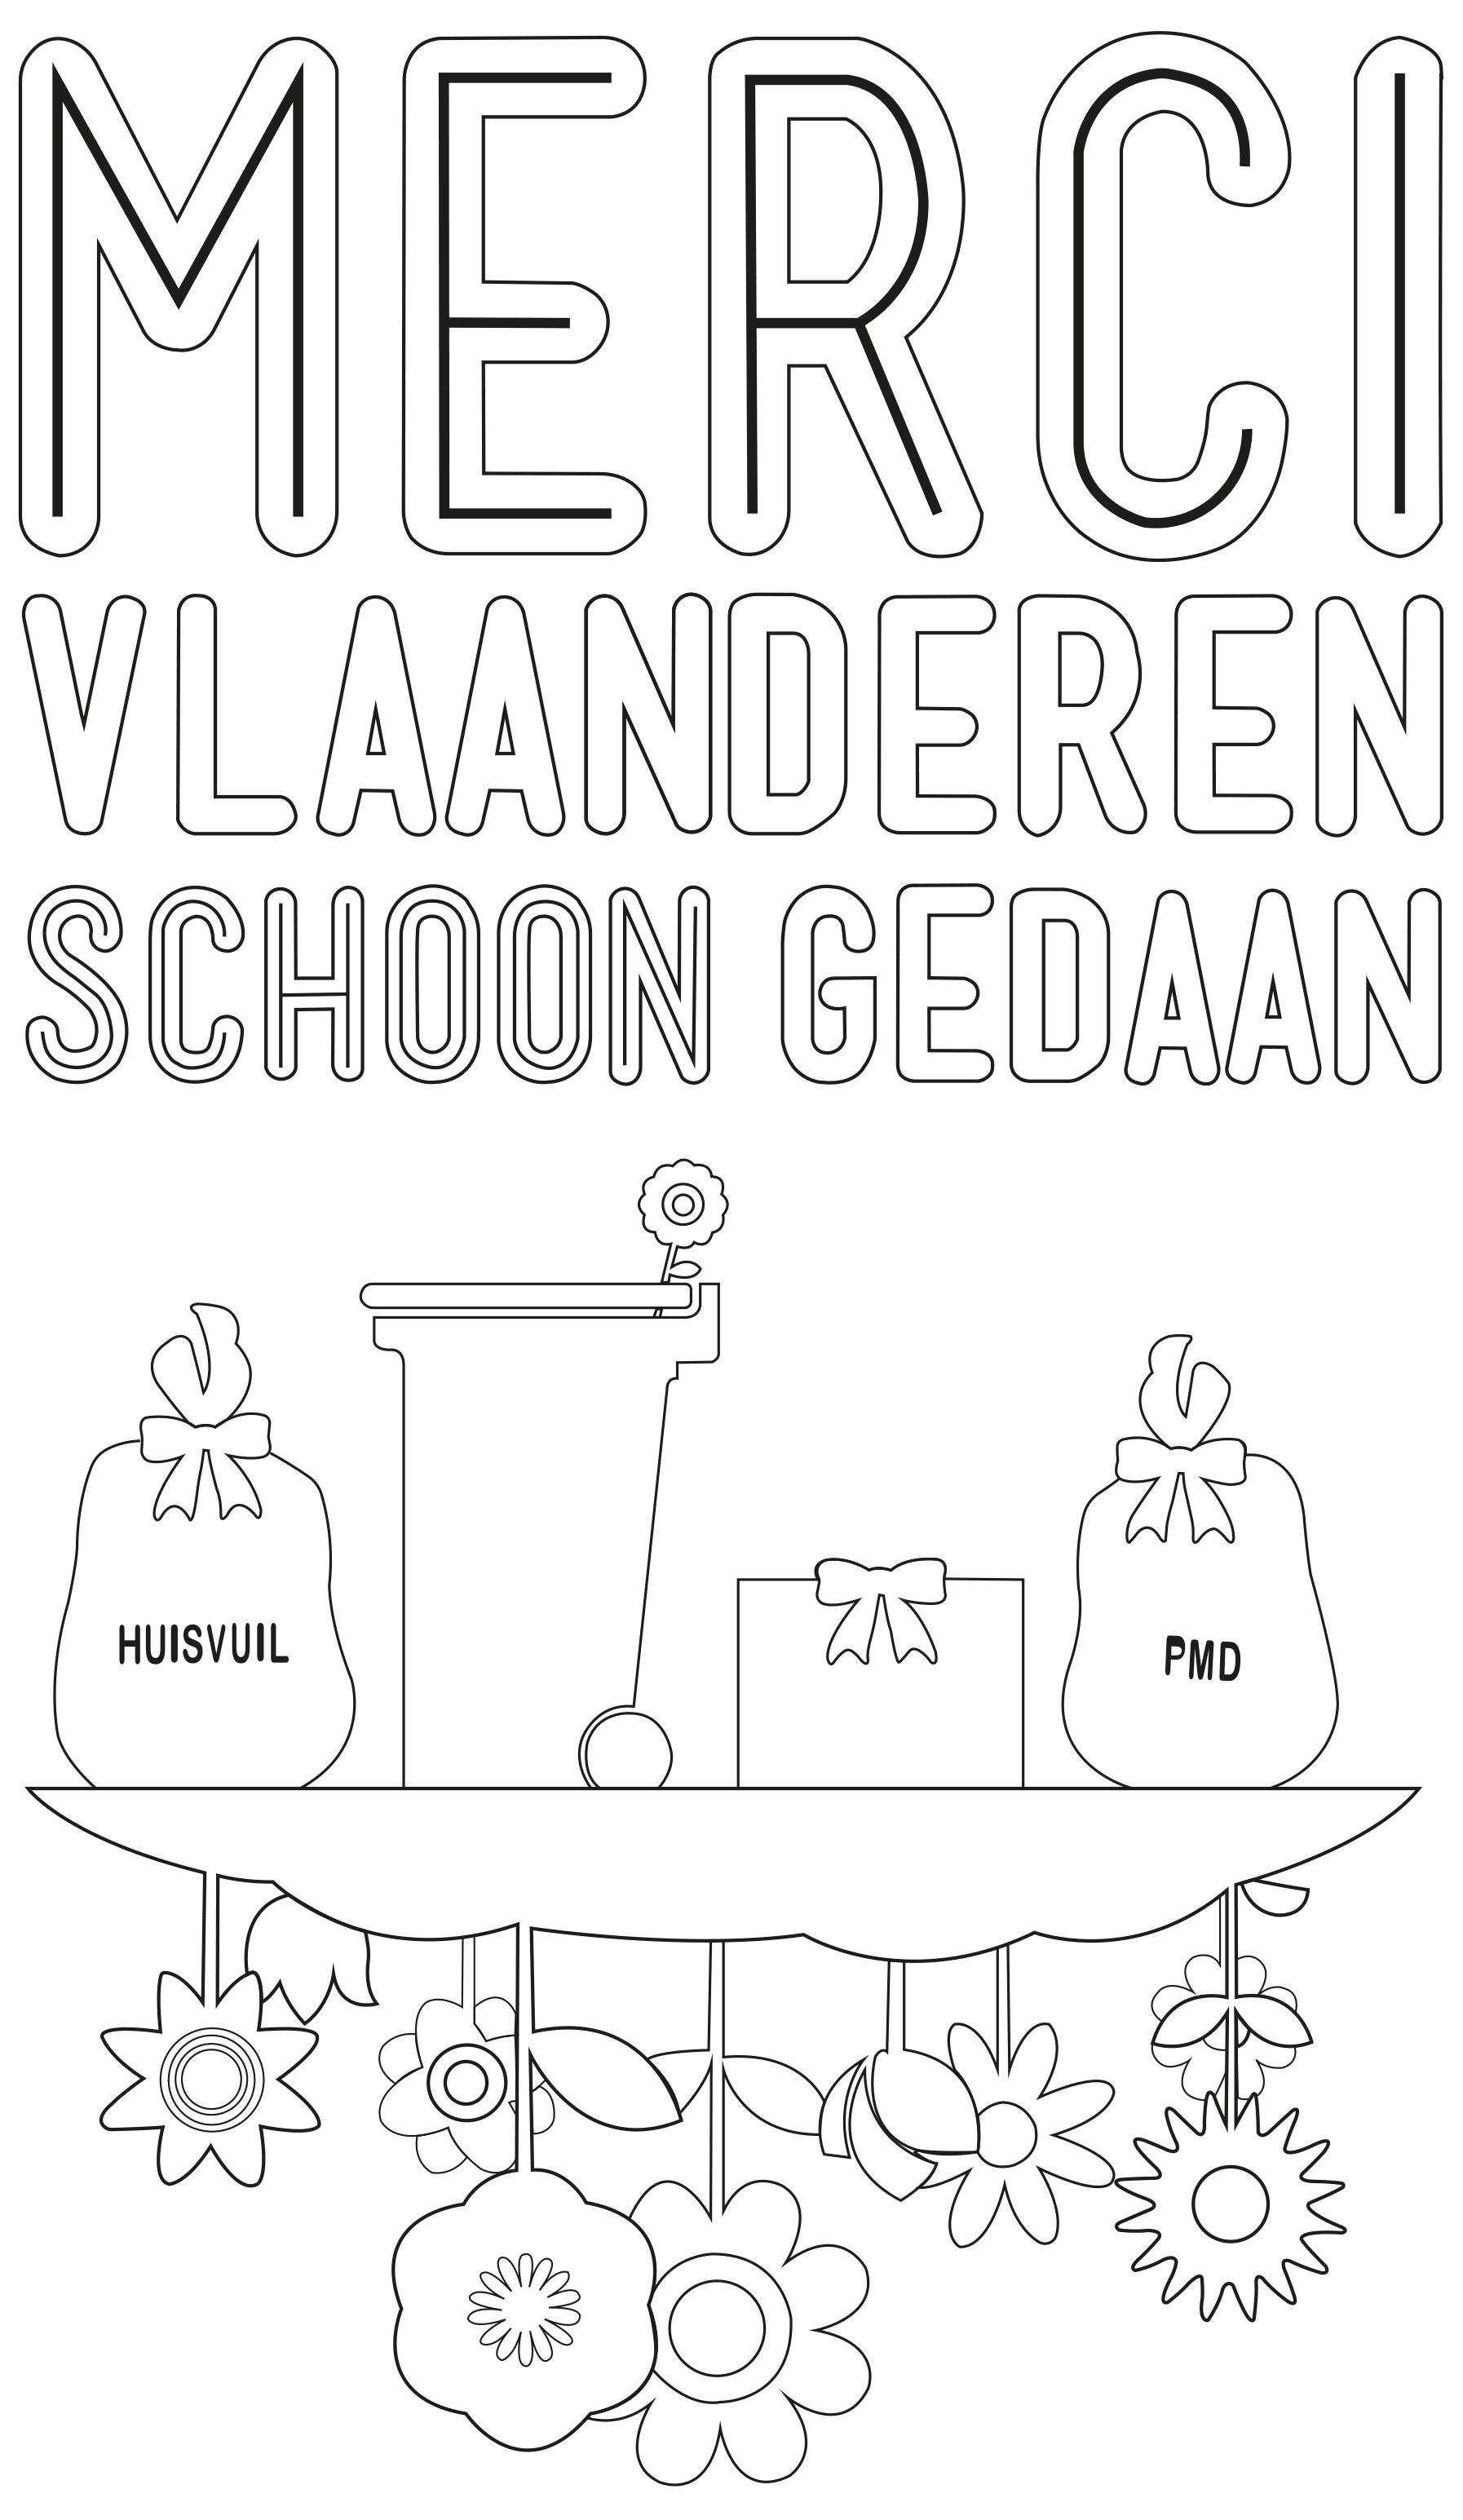 Tekening Merci Vlaanderen - Week van de Afvalophaler en recyclagewachter